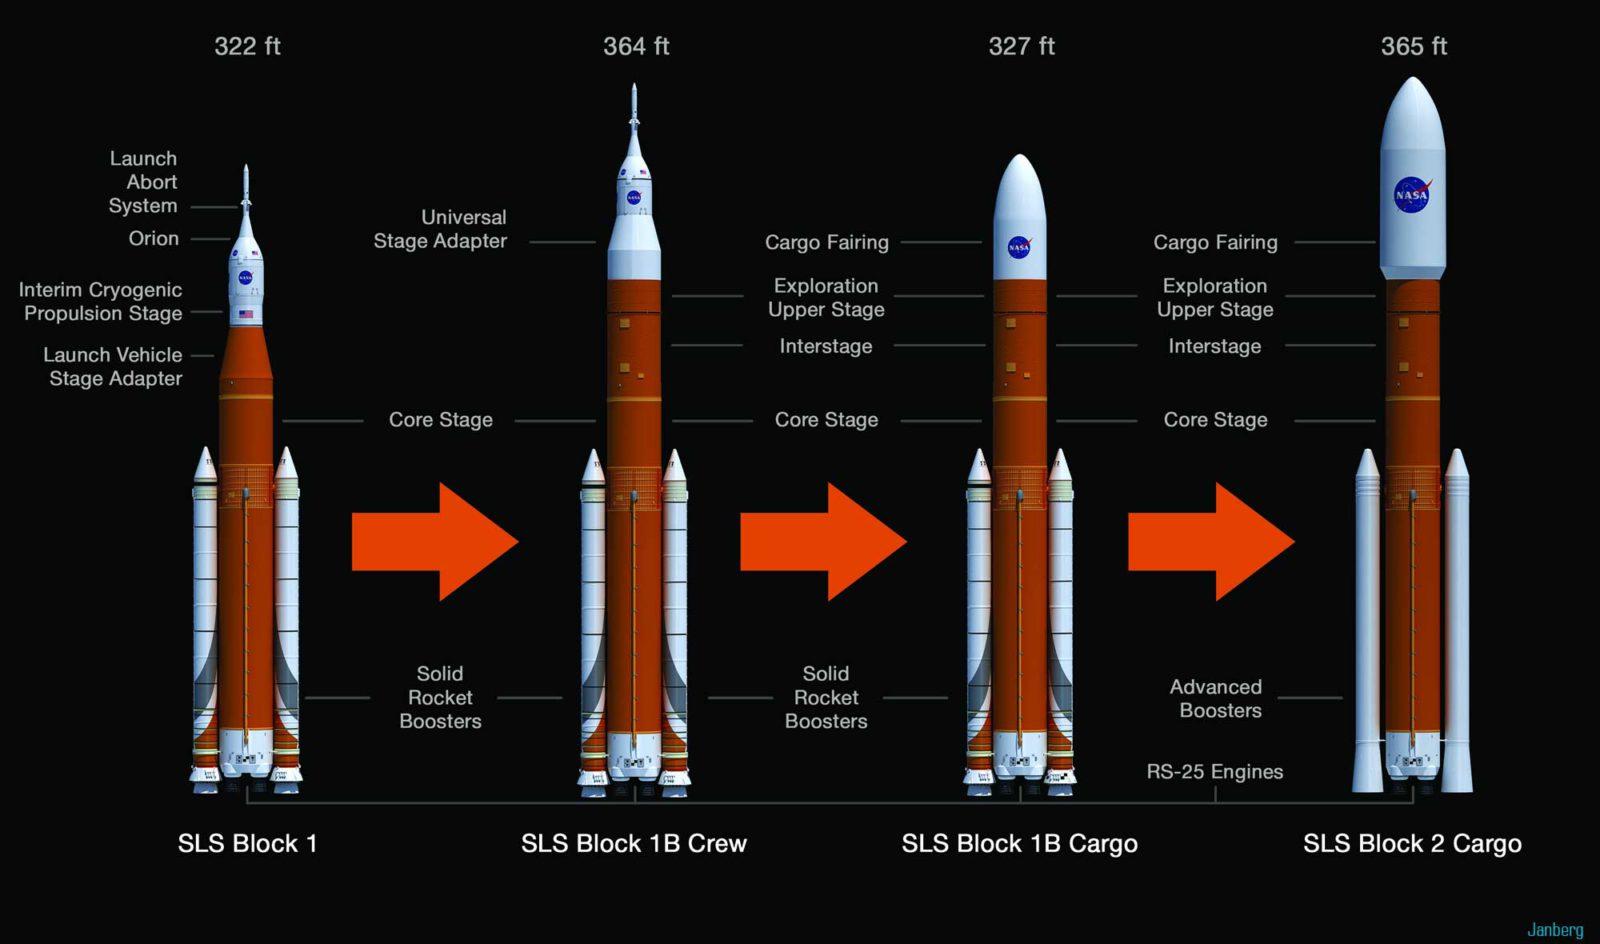 Варианты ракетоносителя SLS